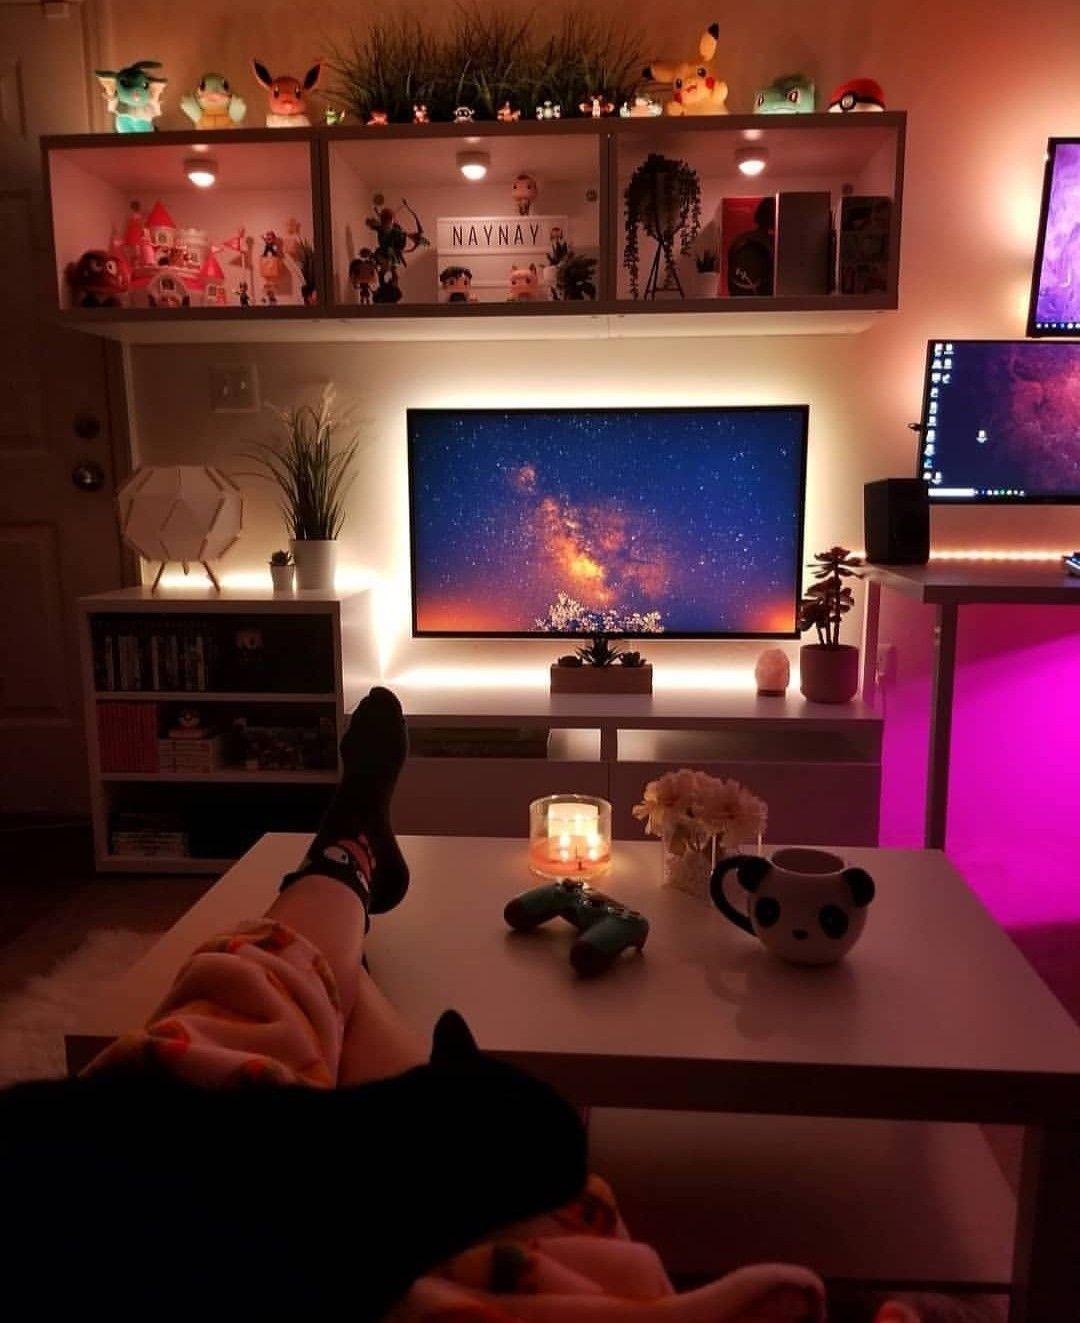 Home Decor Diy Gaming Setup Bedroom Small Spaces Home Decor Diy Gaming Setup Bedroom Small S Small Apartment Living Room Apartment Living Room Bedroom Setup